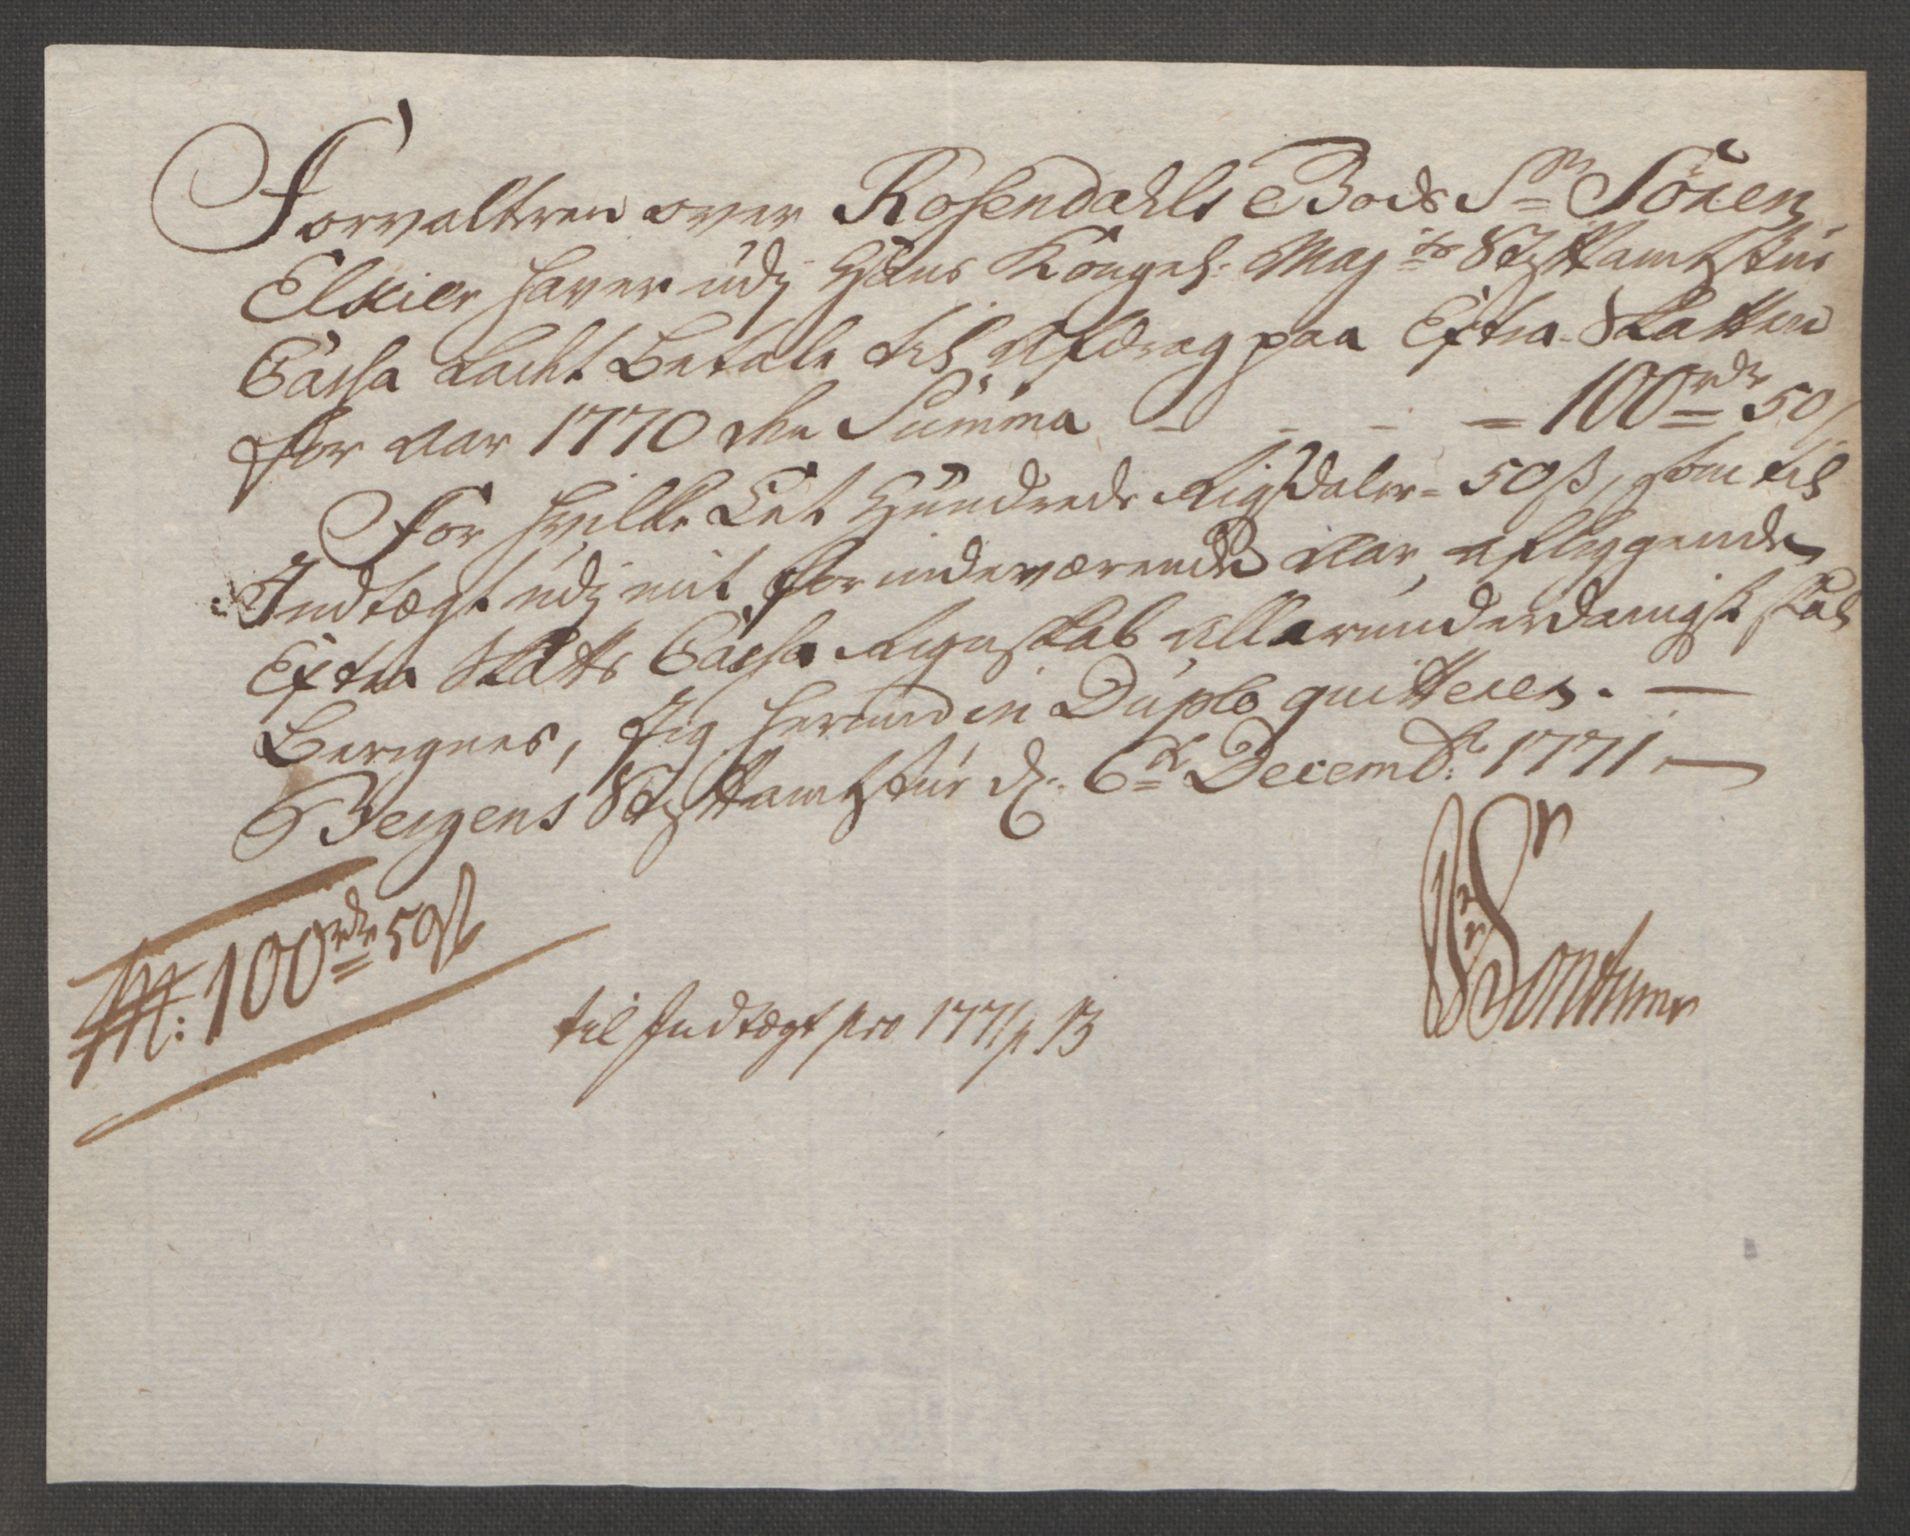 RA, Rentekammeret inntil 1814, Reviderte regnskaper, Fogderegnskap, R49/L3157: Ekstraskatten Rosendal Baroni, 1762-1772, s. 339